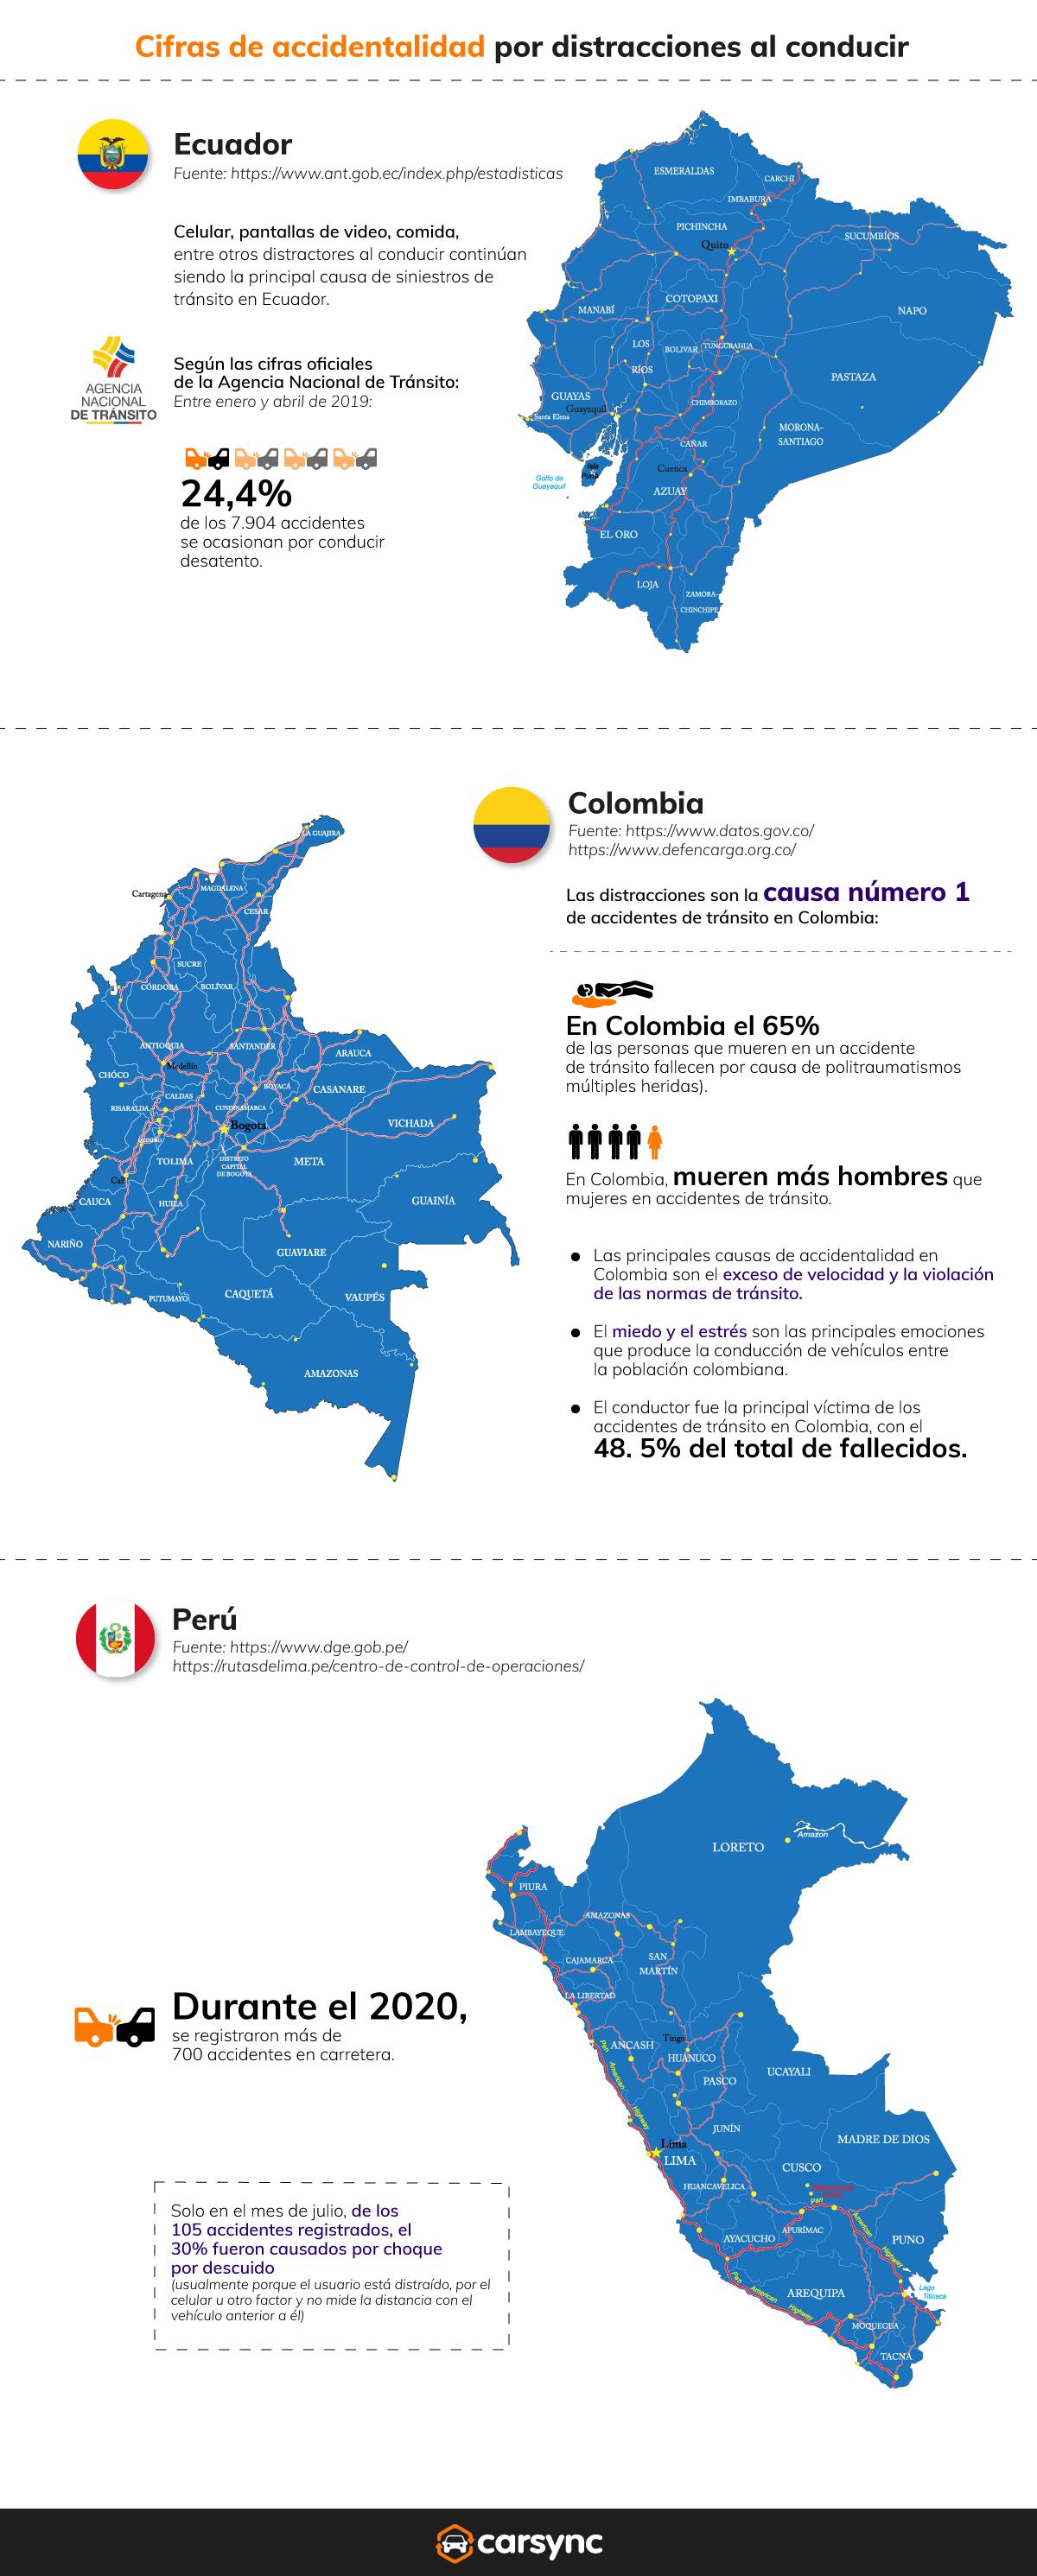 infografia de cifras de accidentalidad por distractores al conducir de Colombia Perú y Ecuador